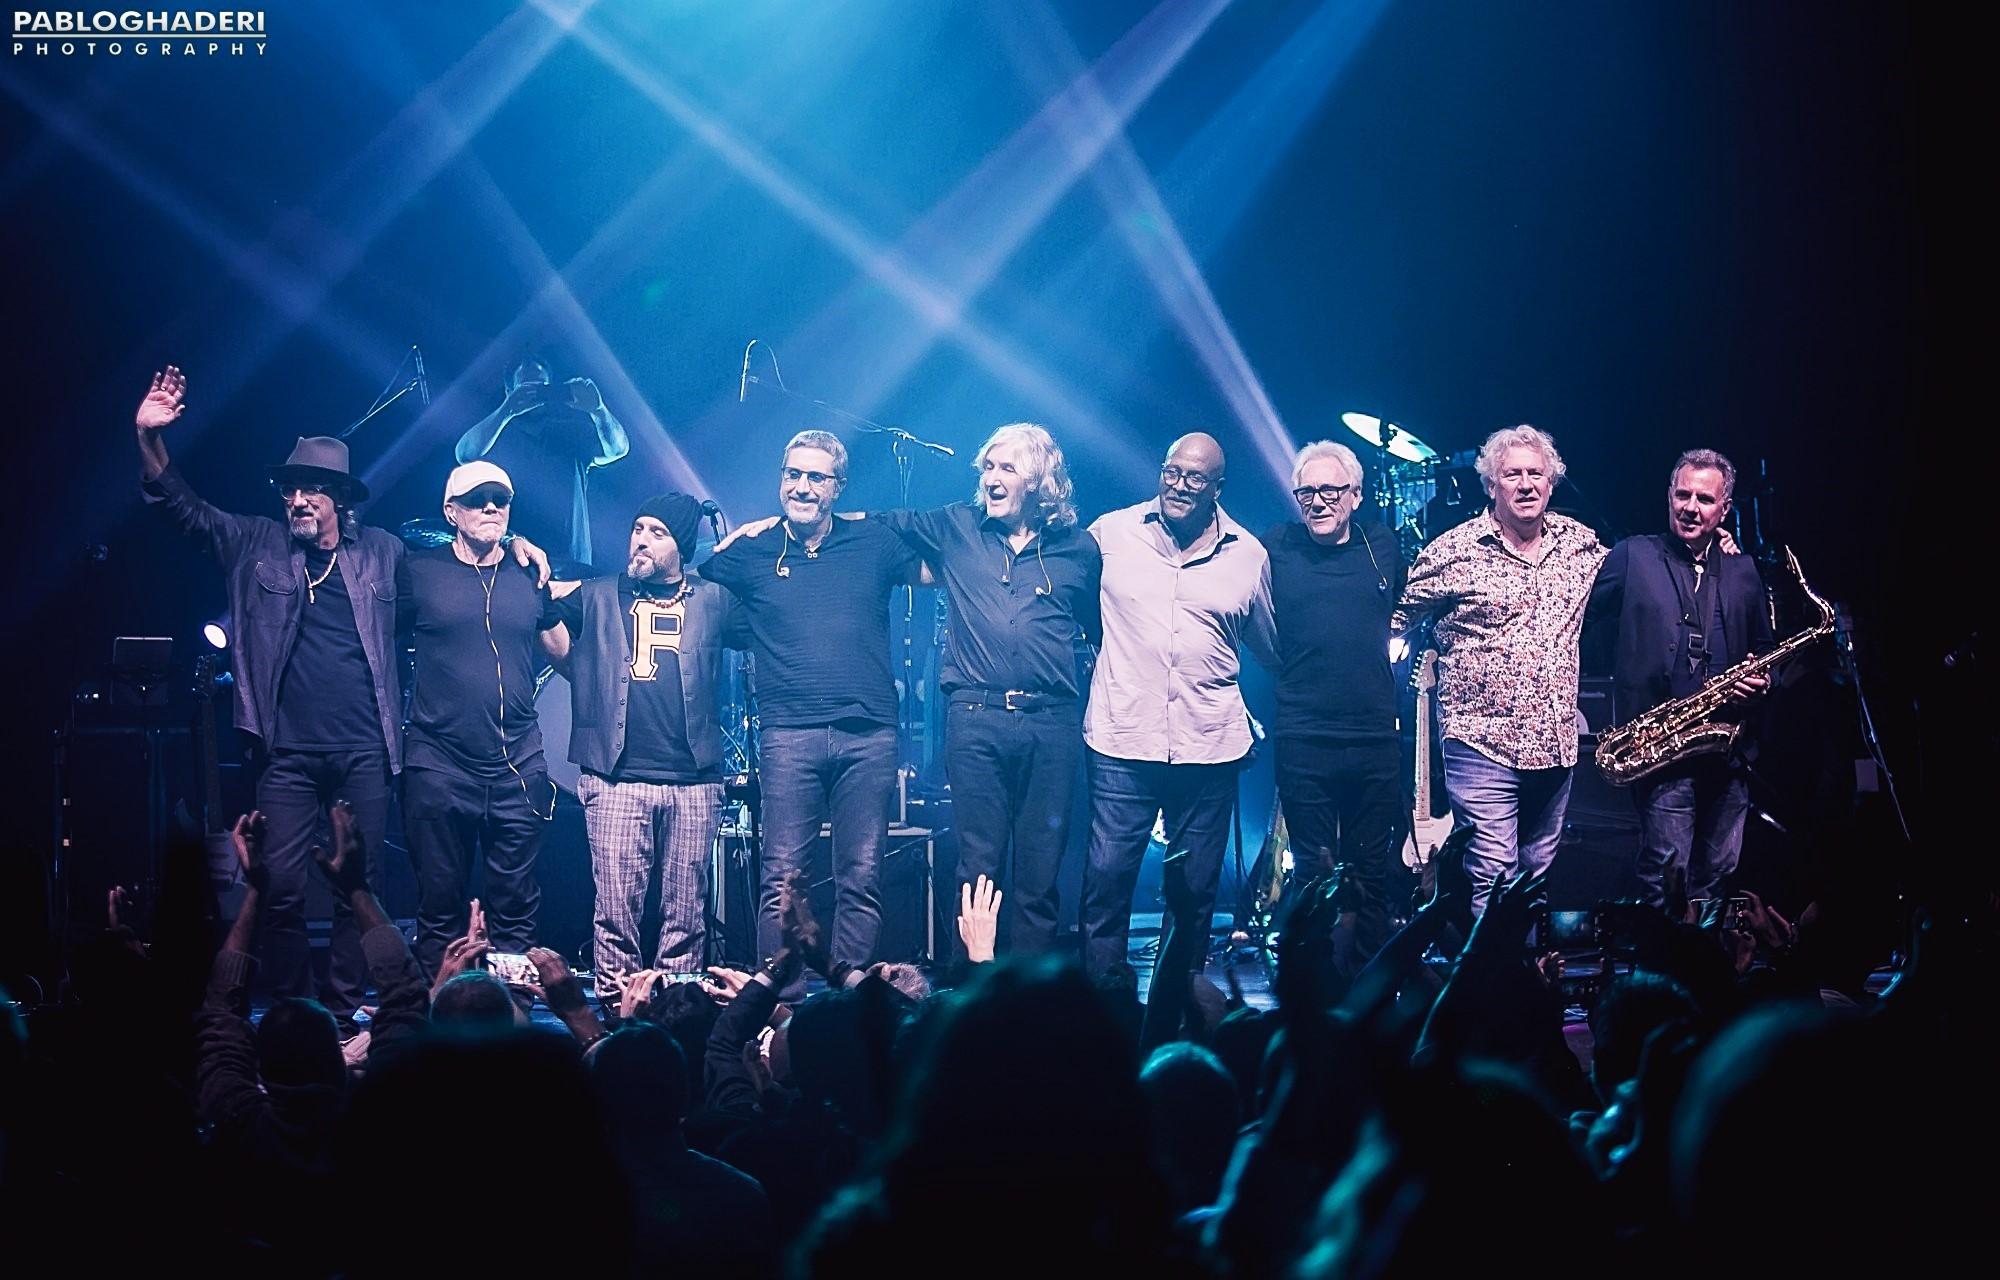 Banda lendária Dire Straits se apresenta em Goiânia